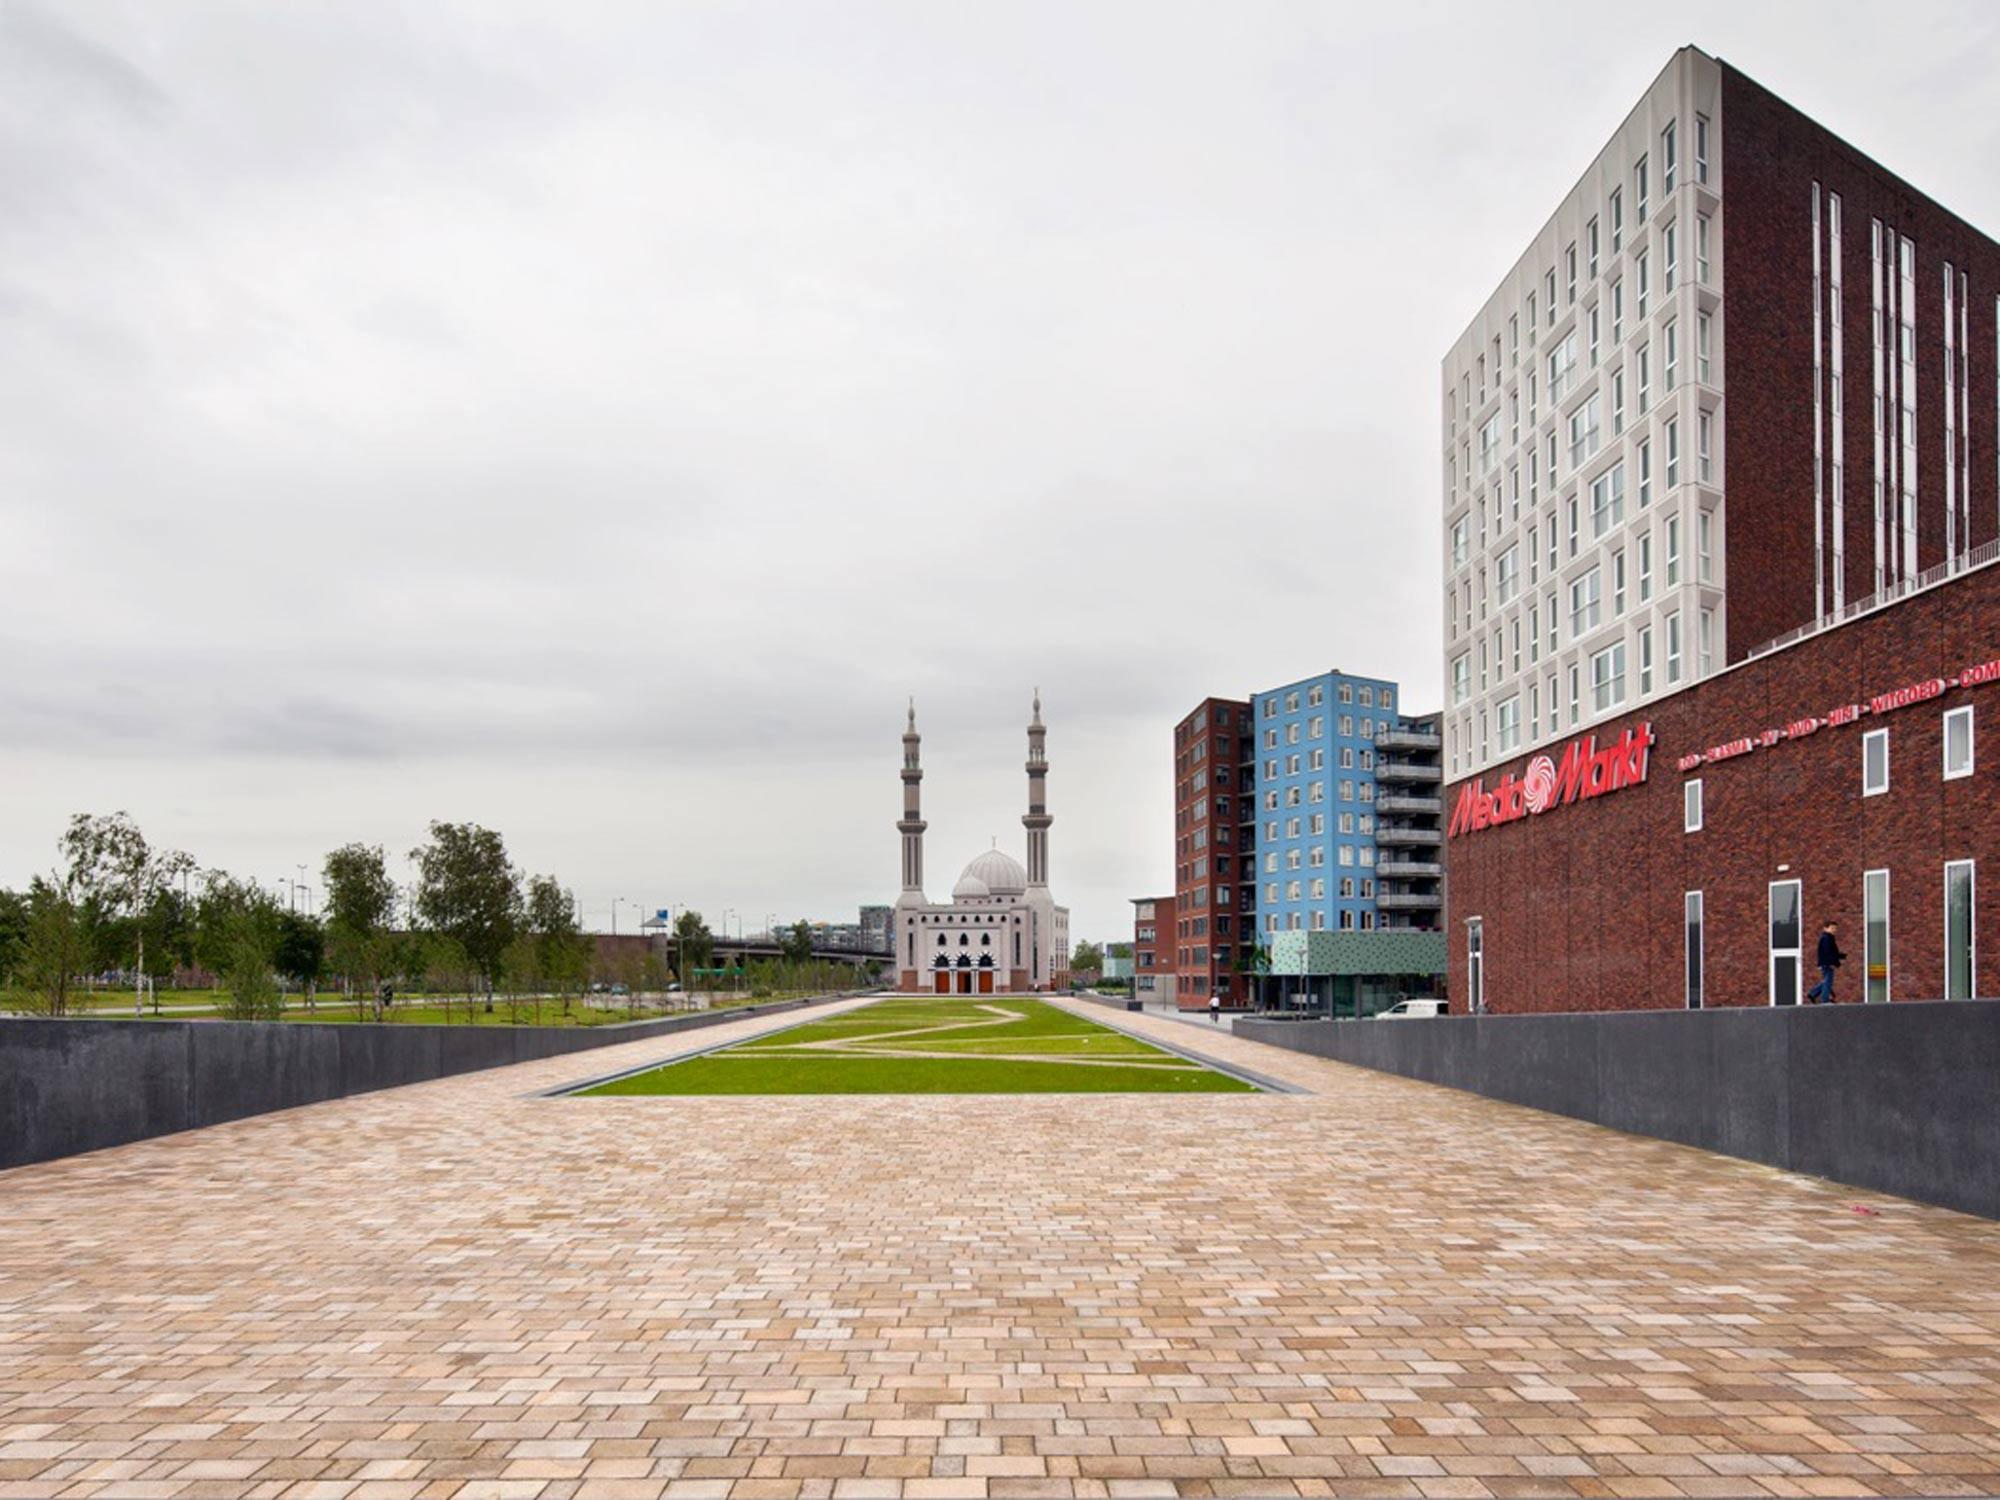 BKT_De_zwarte_hond_havensteder_nieuwbouw_woningbouw_appartementen_mediamarkt_sprangersbouw_overdracht_Rotterdam_Feyenoord_herstructurering_04.jpg